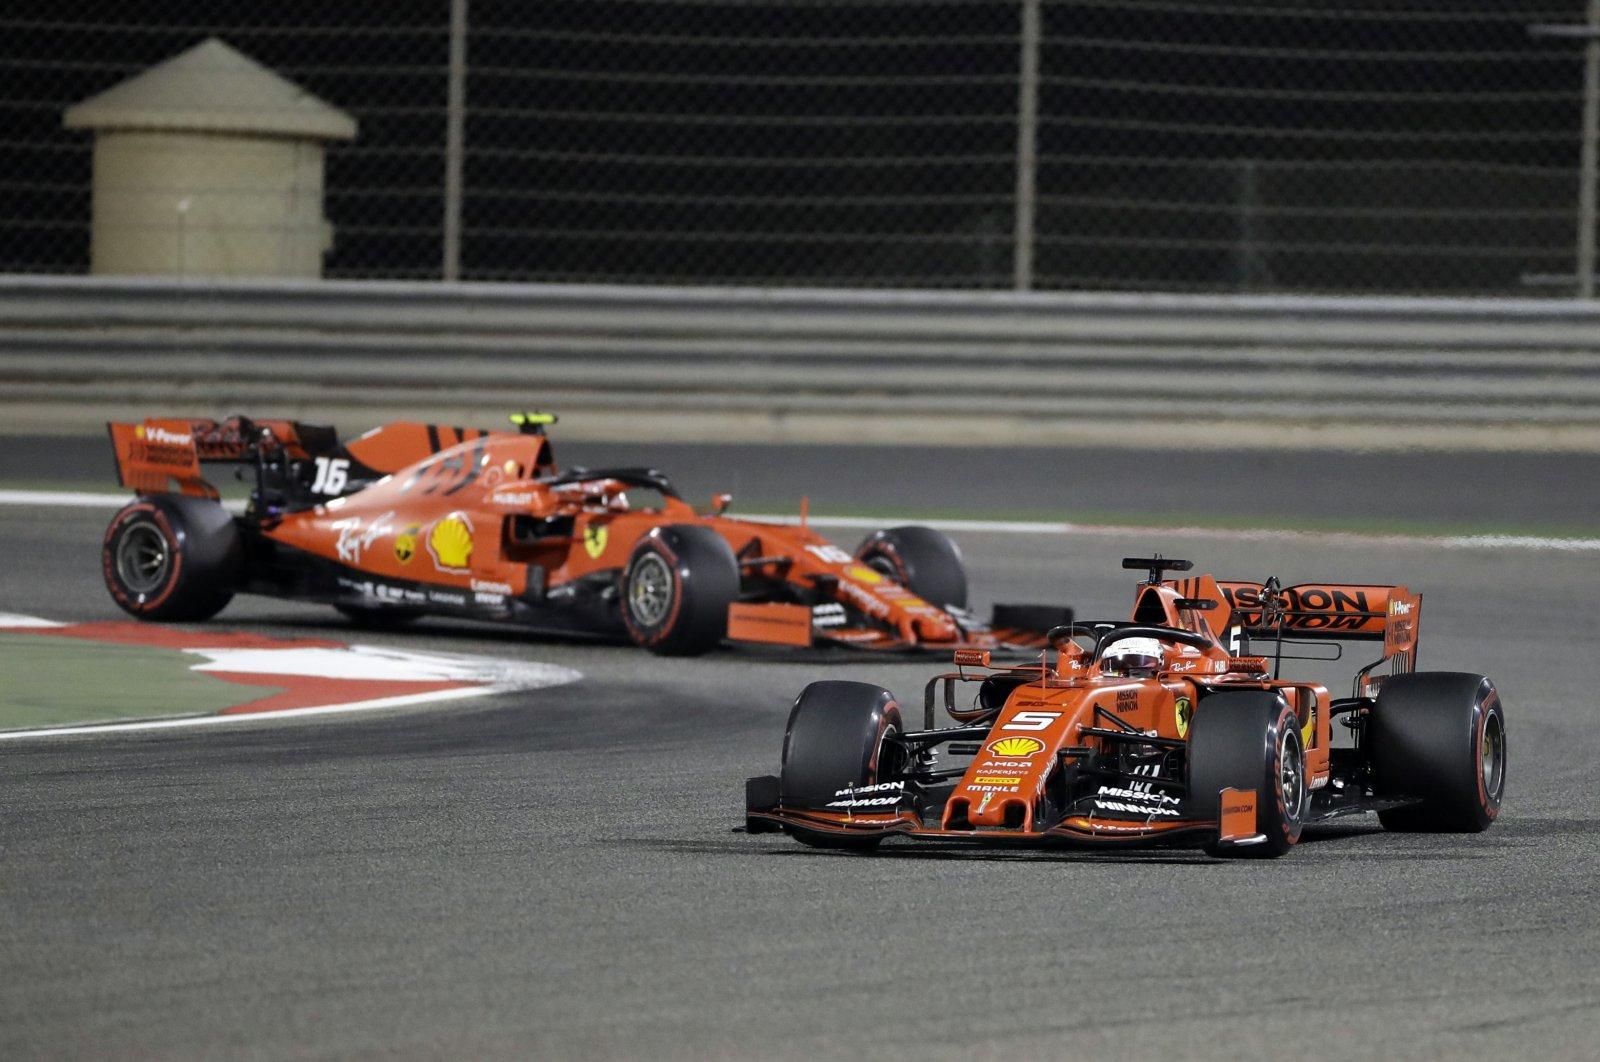 Ferrari driver Sebastian Vettel steers his car, followed by teammate Charles Leclerc behind, during the Bahrain F1 Grand Prix, in Sakhir, Bahrain, March 31, 2019. (AP Photo)